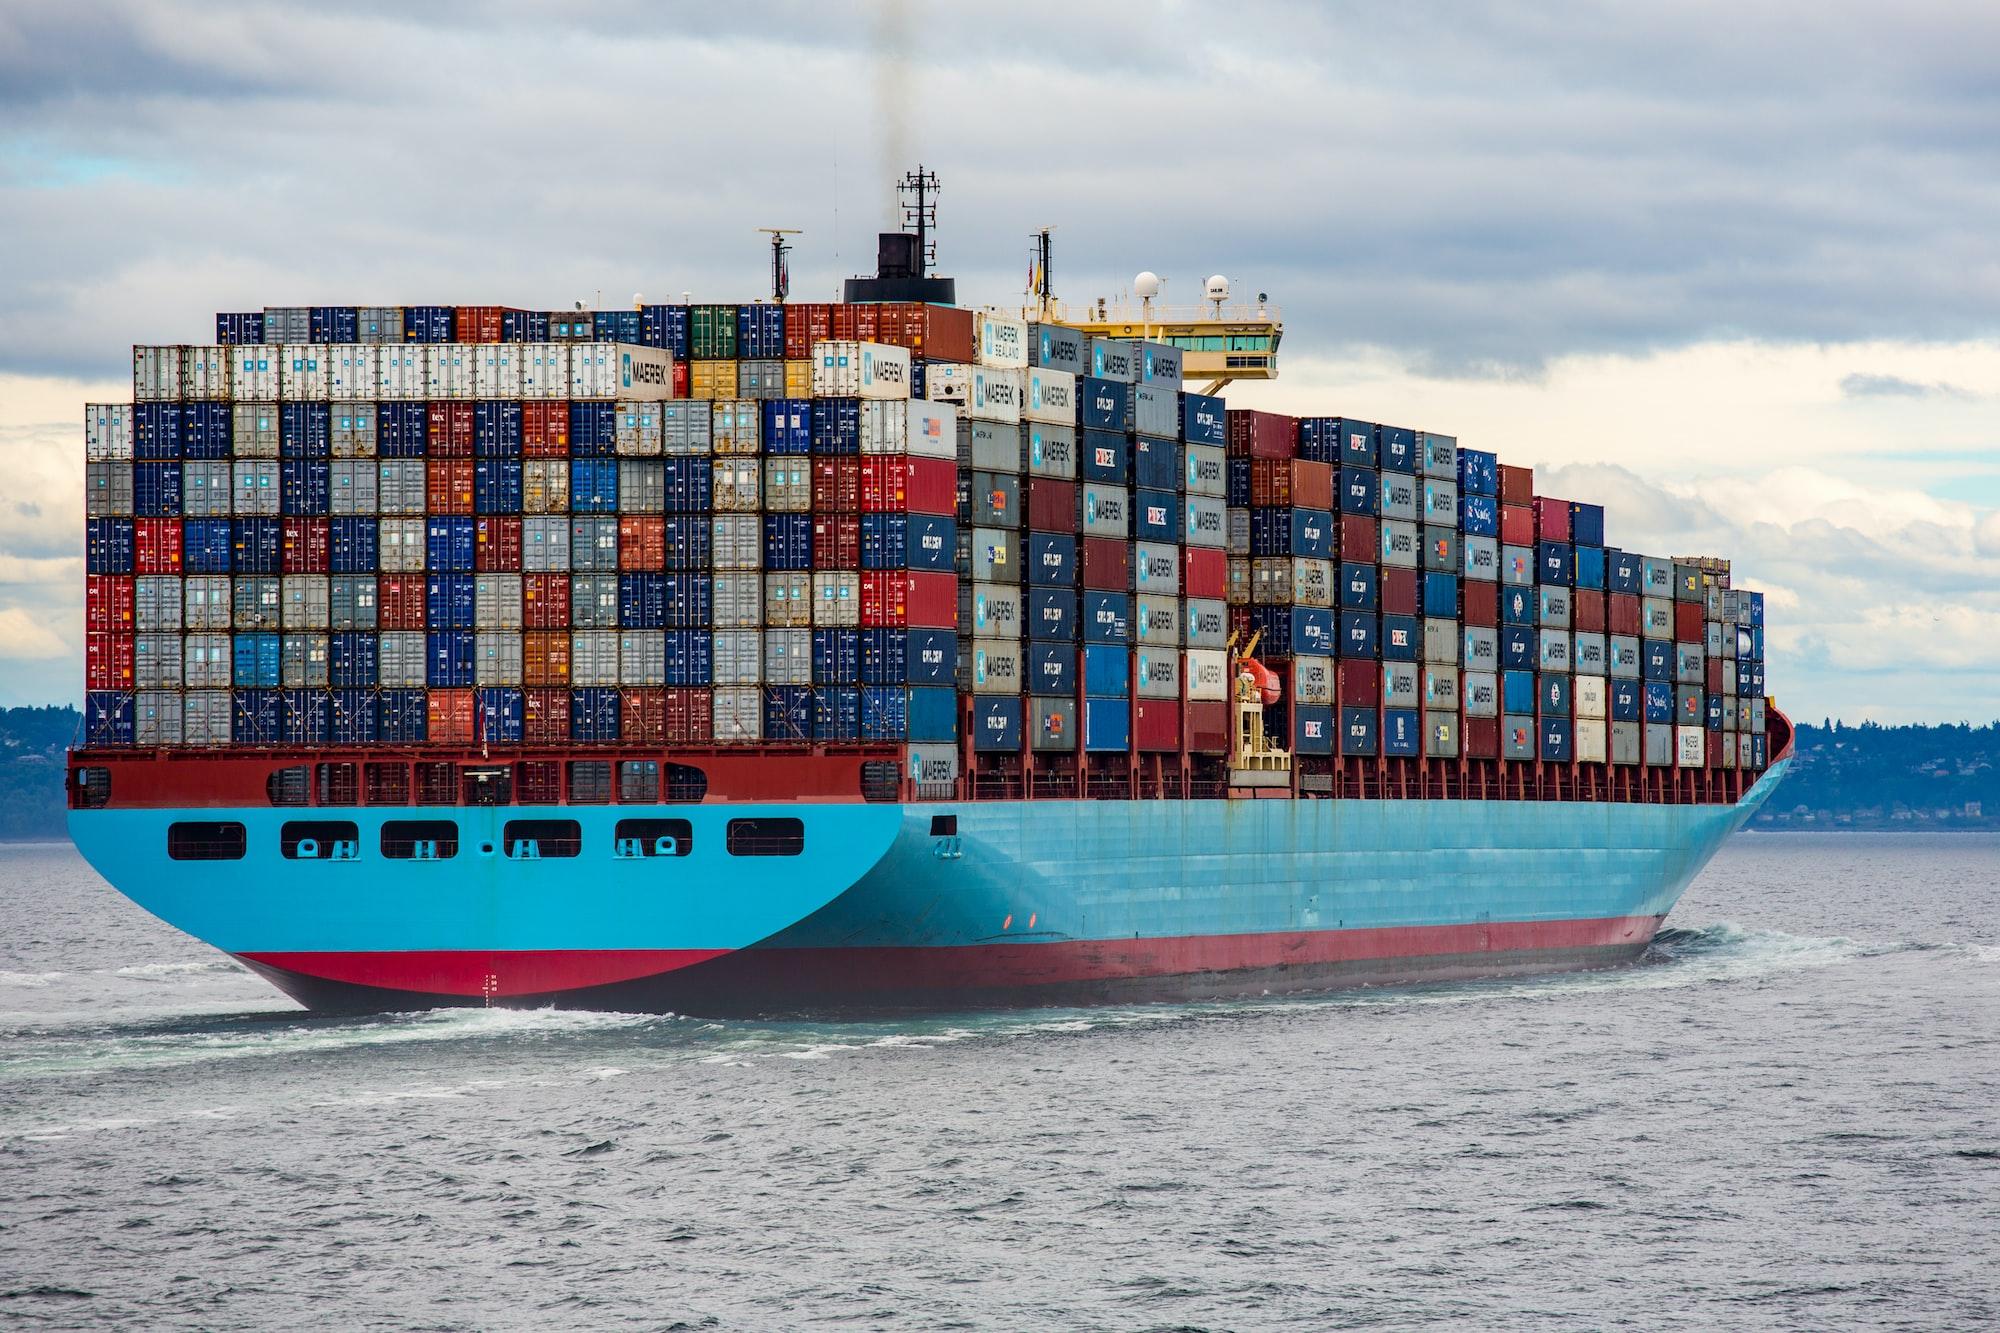 यूएई, यूके और आस्ट्रेलिया को 500 बिलियन डॉलर का निर्यात करेगा भारत!